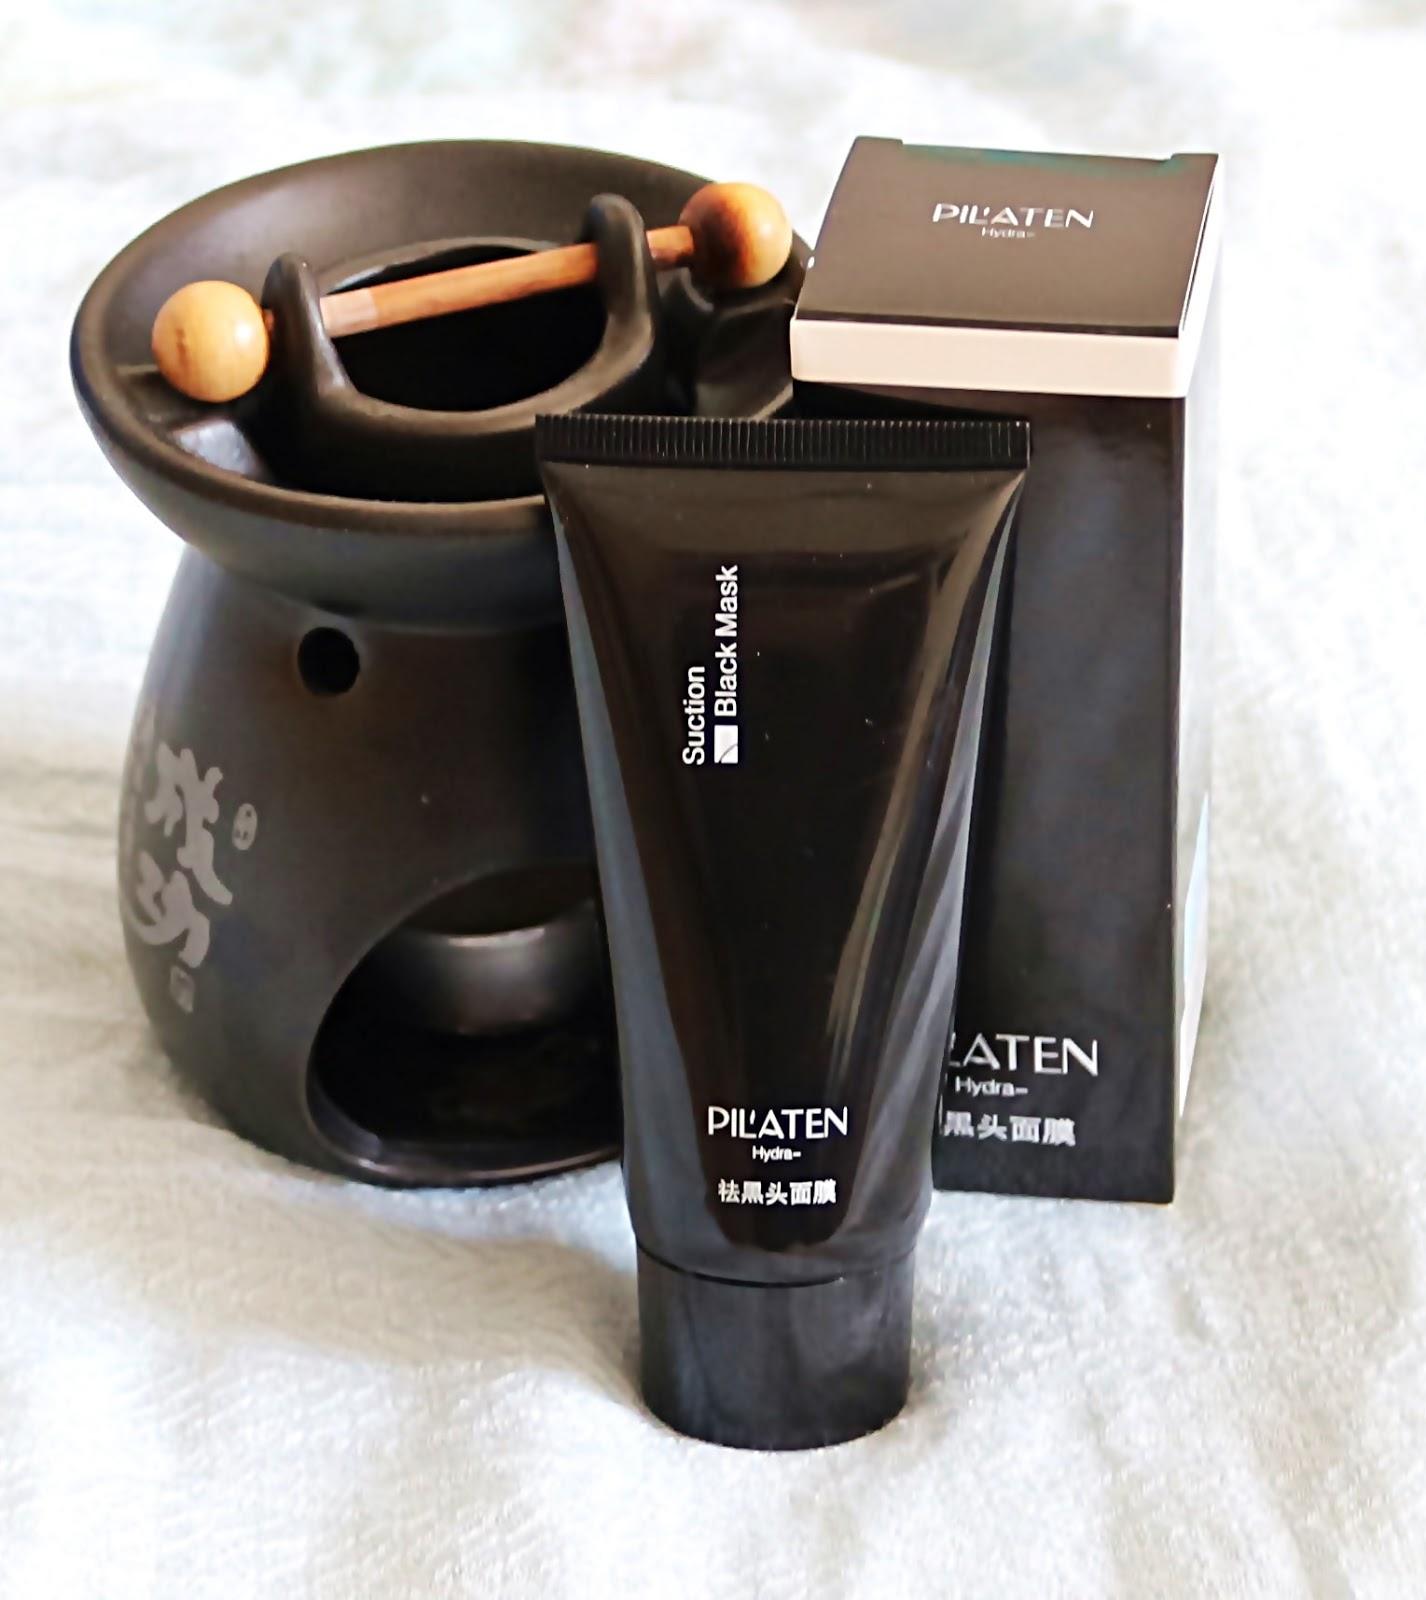 Azjatyckie nowości kosmetyczne | Skin79, Medius, Swanicoco, Holika Holika, OMG!, Pilaten